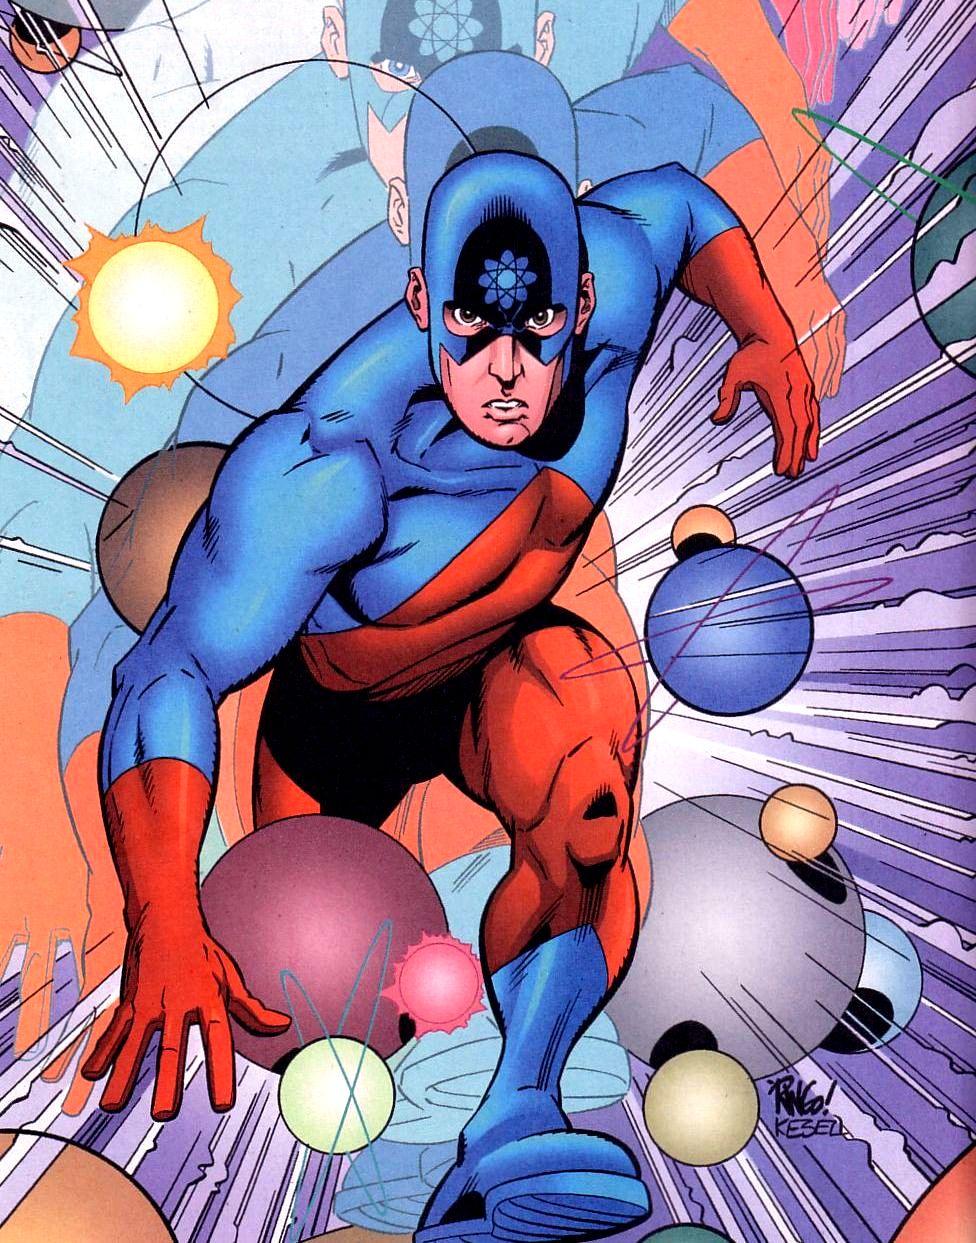 Ray Palmer aka The Atom